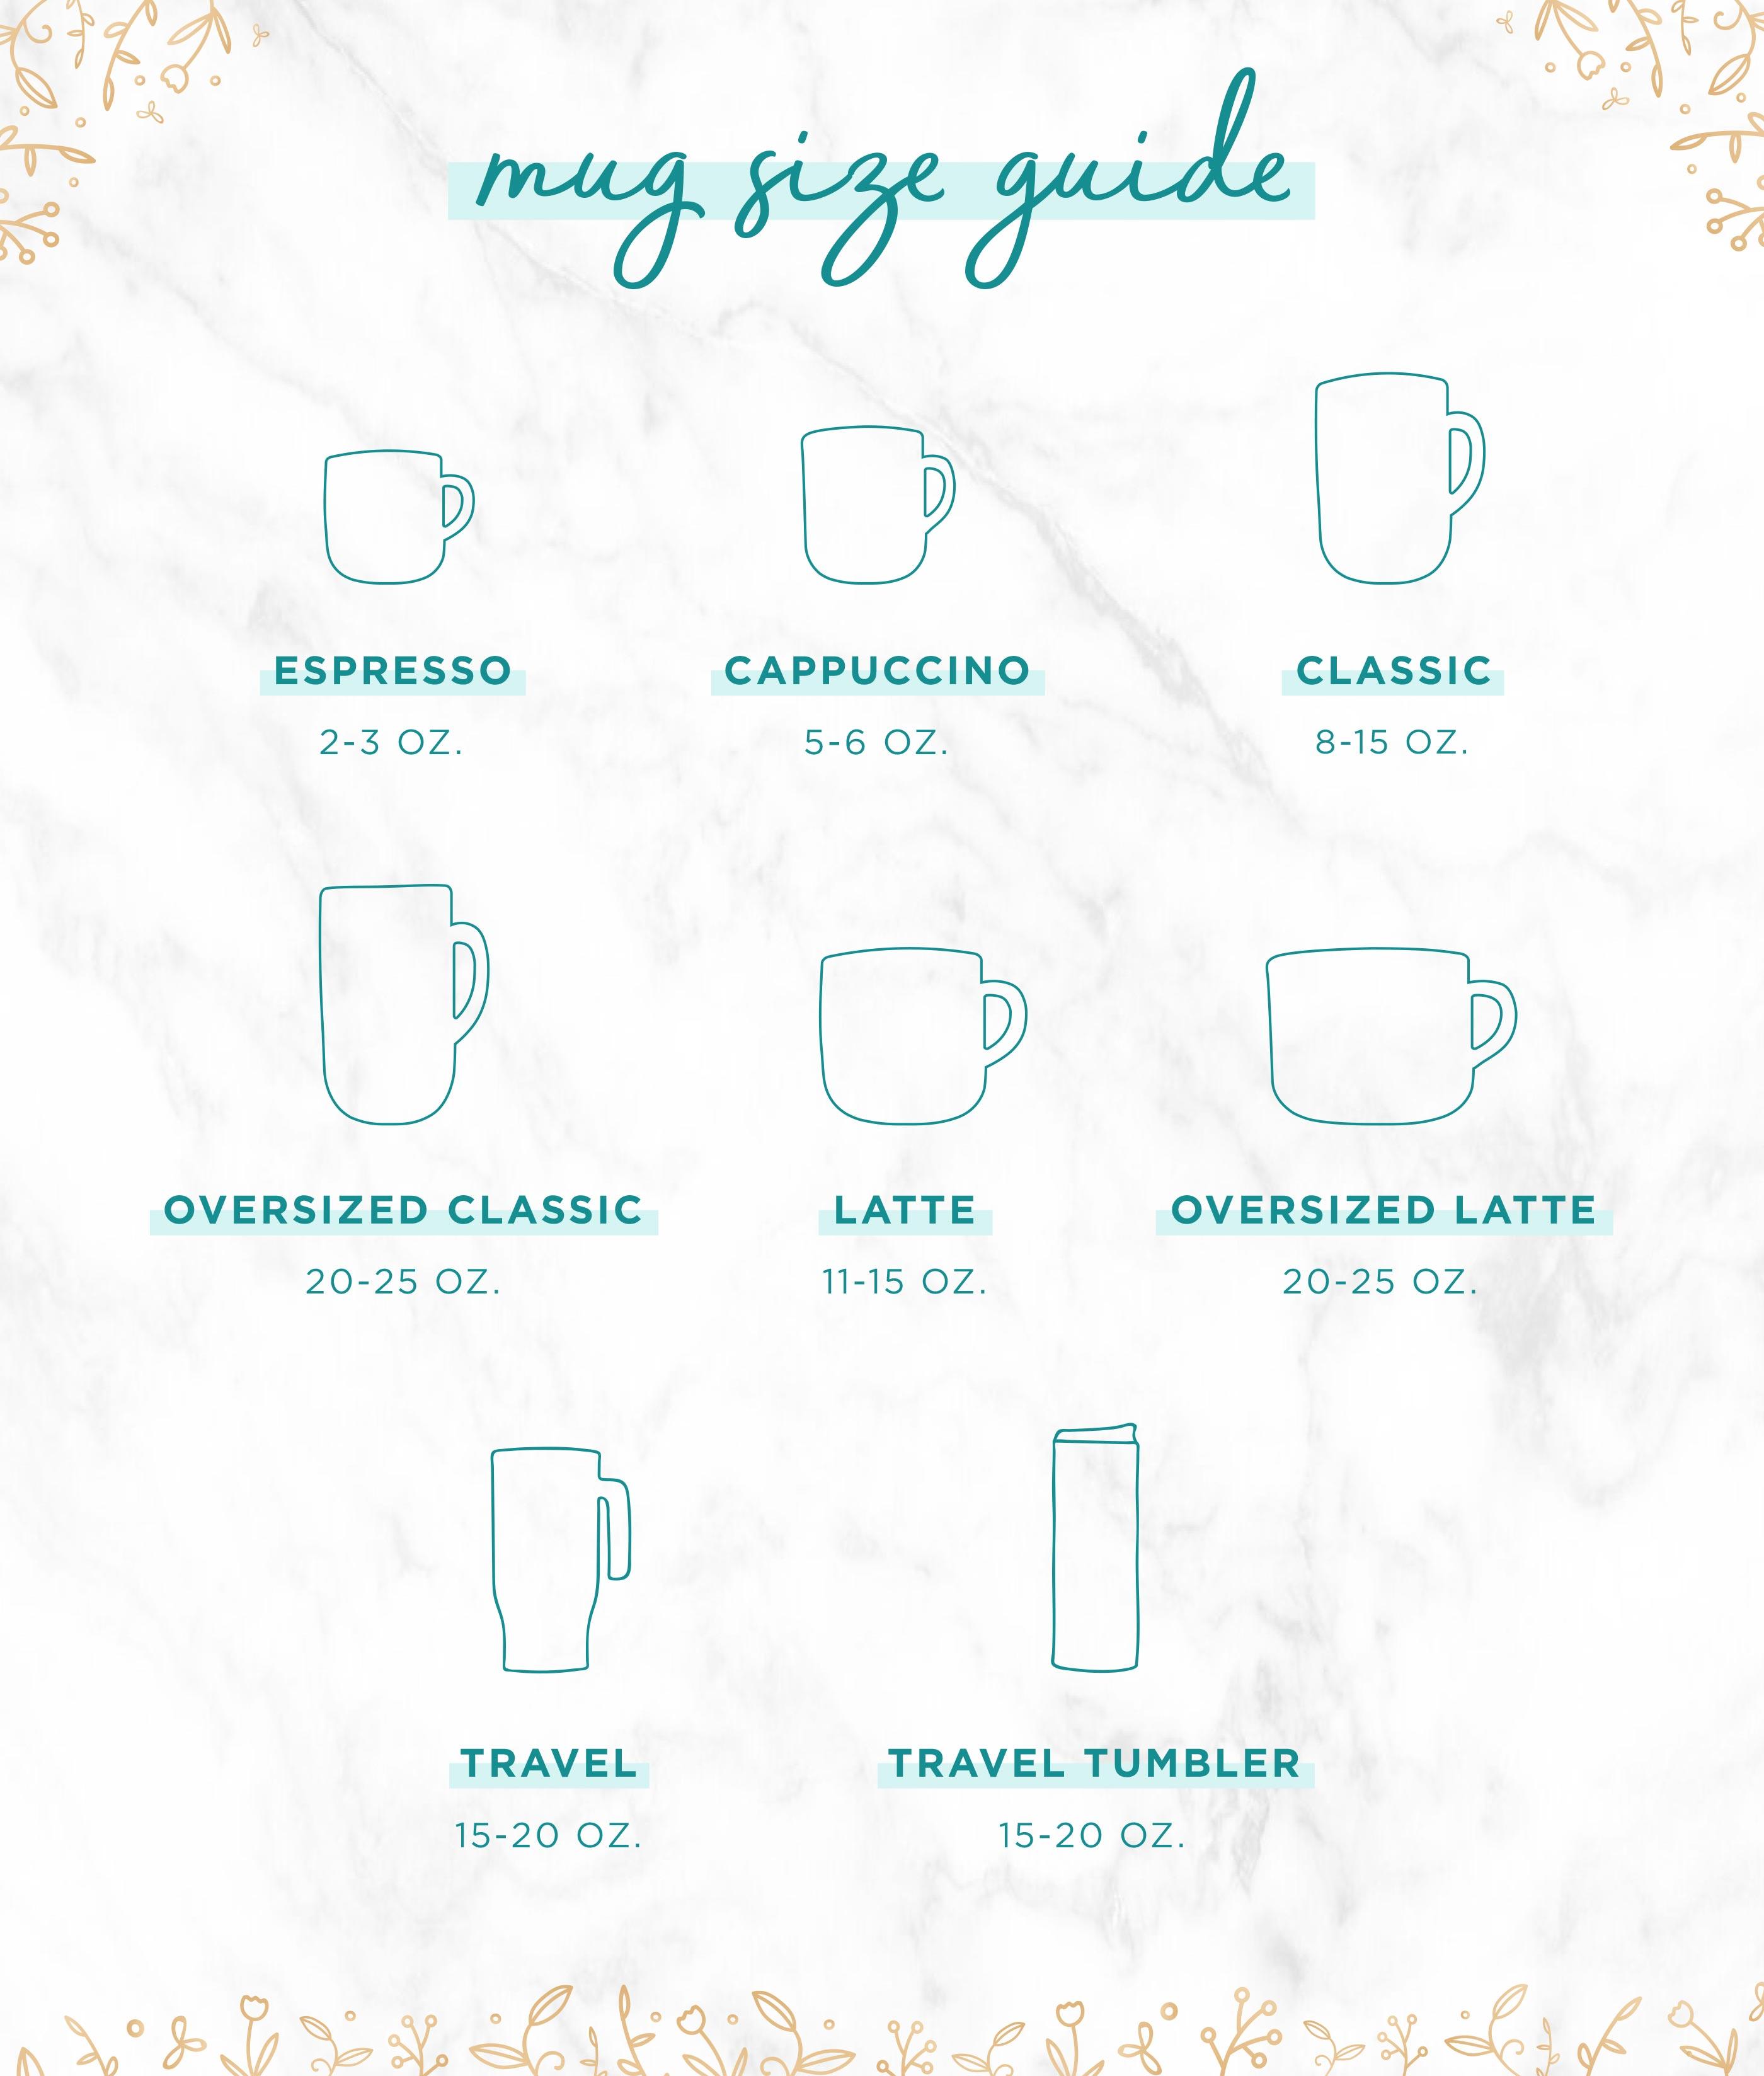 coffee mug sizes guide